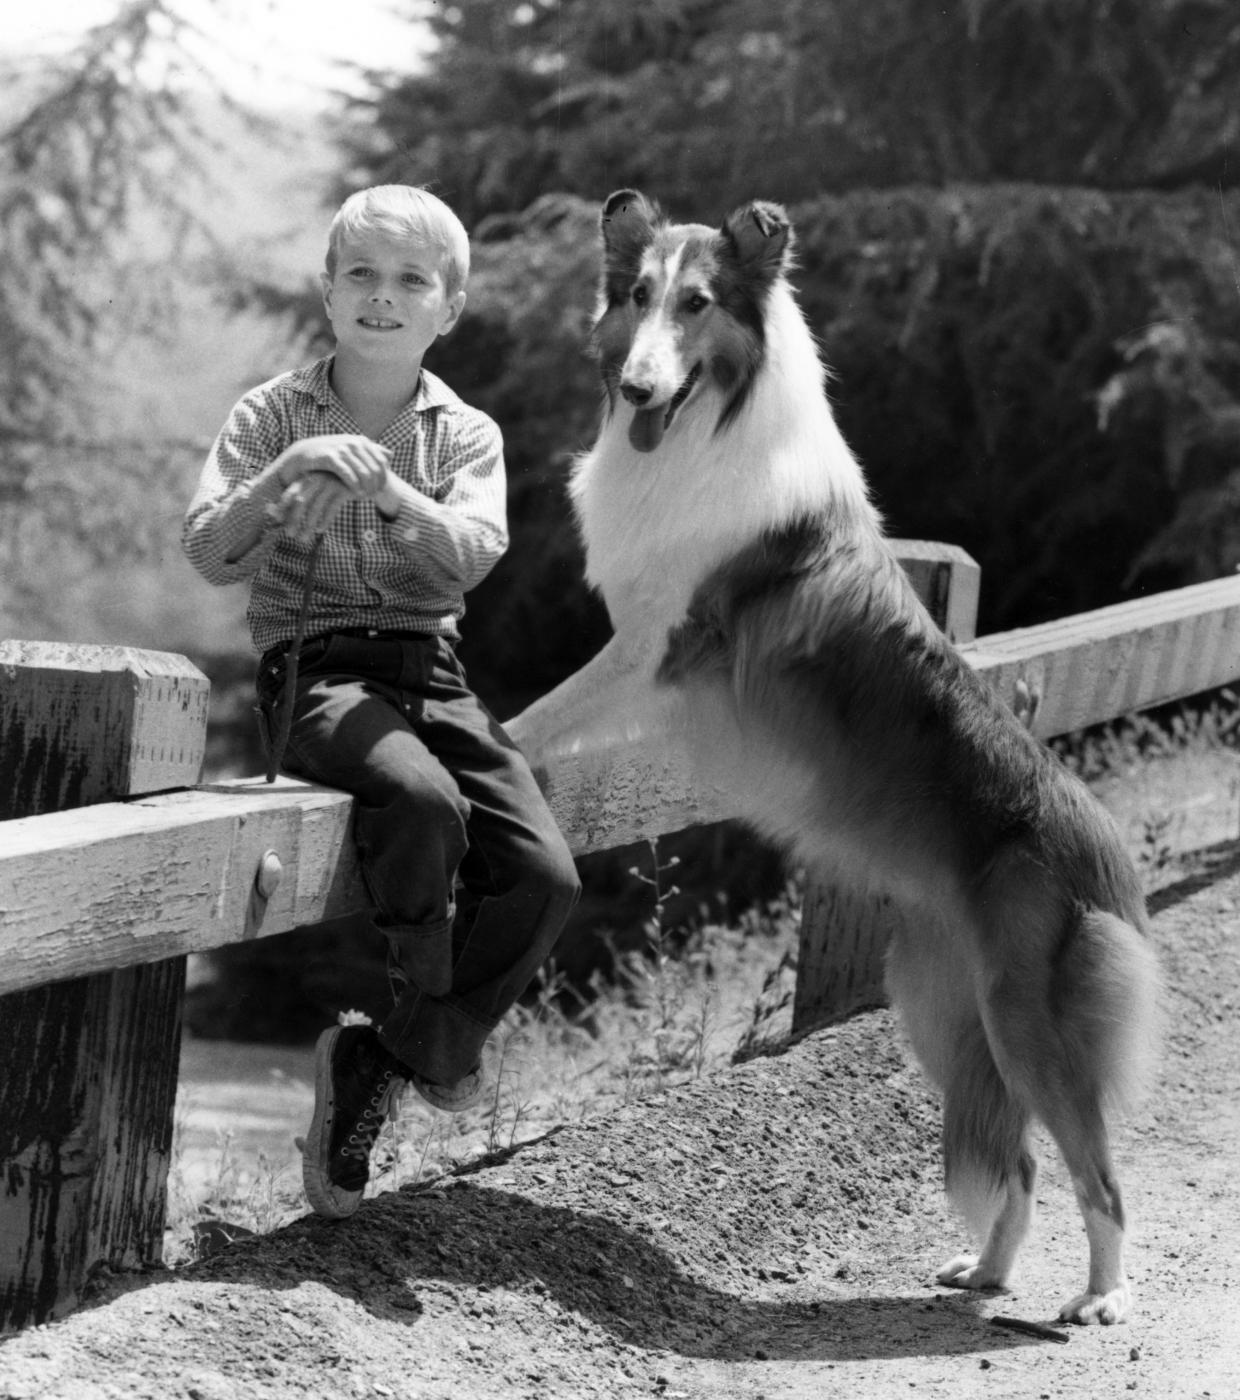 Lassie è il cane di razza collie protagonista di alcuni film degli anni '40 ispirati al racconto breve Torna a casa Lassie. Dal 1954 sono state poi realizzate diverse fortunate serie tv. (Foto da archivio LaPresse. Credit: AP Photo)